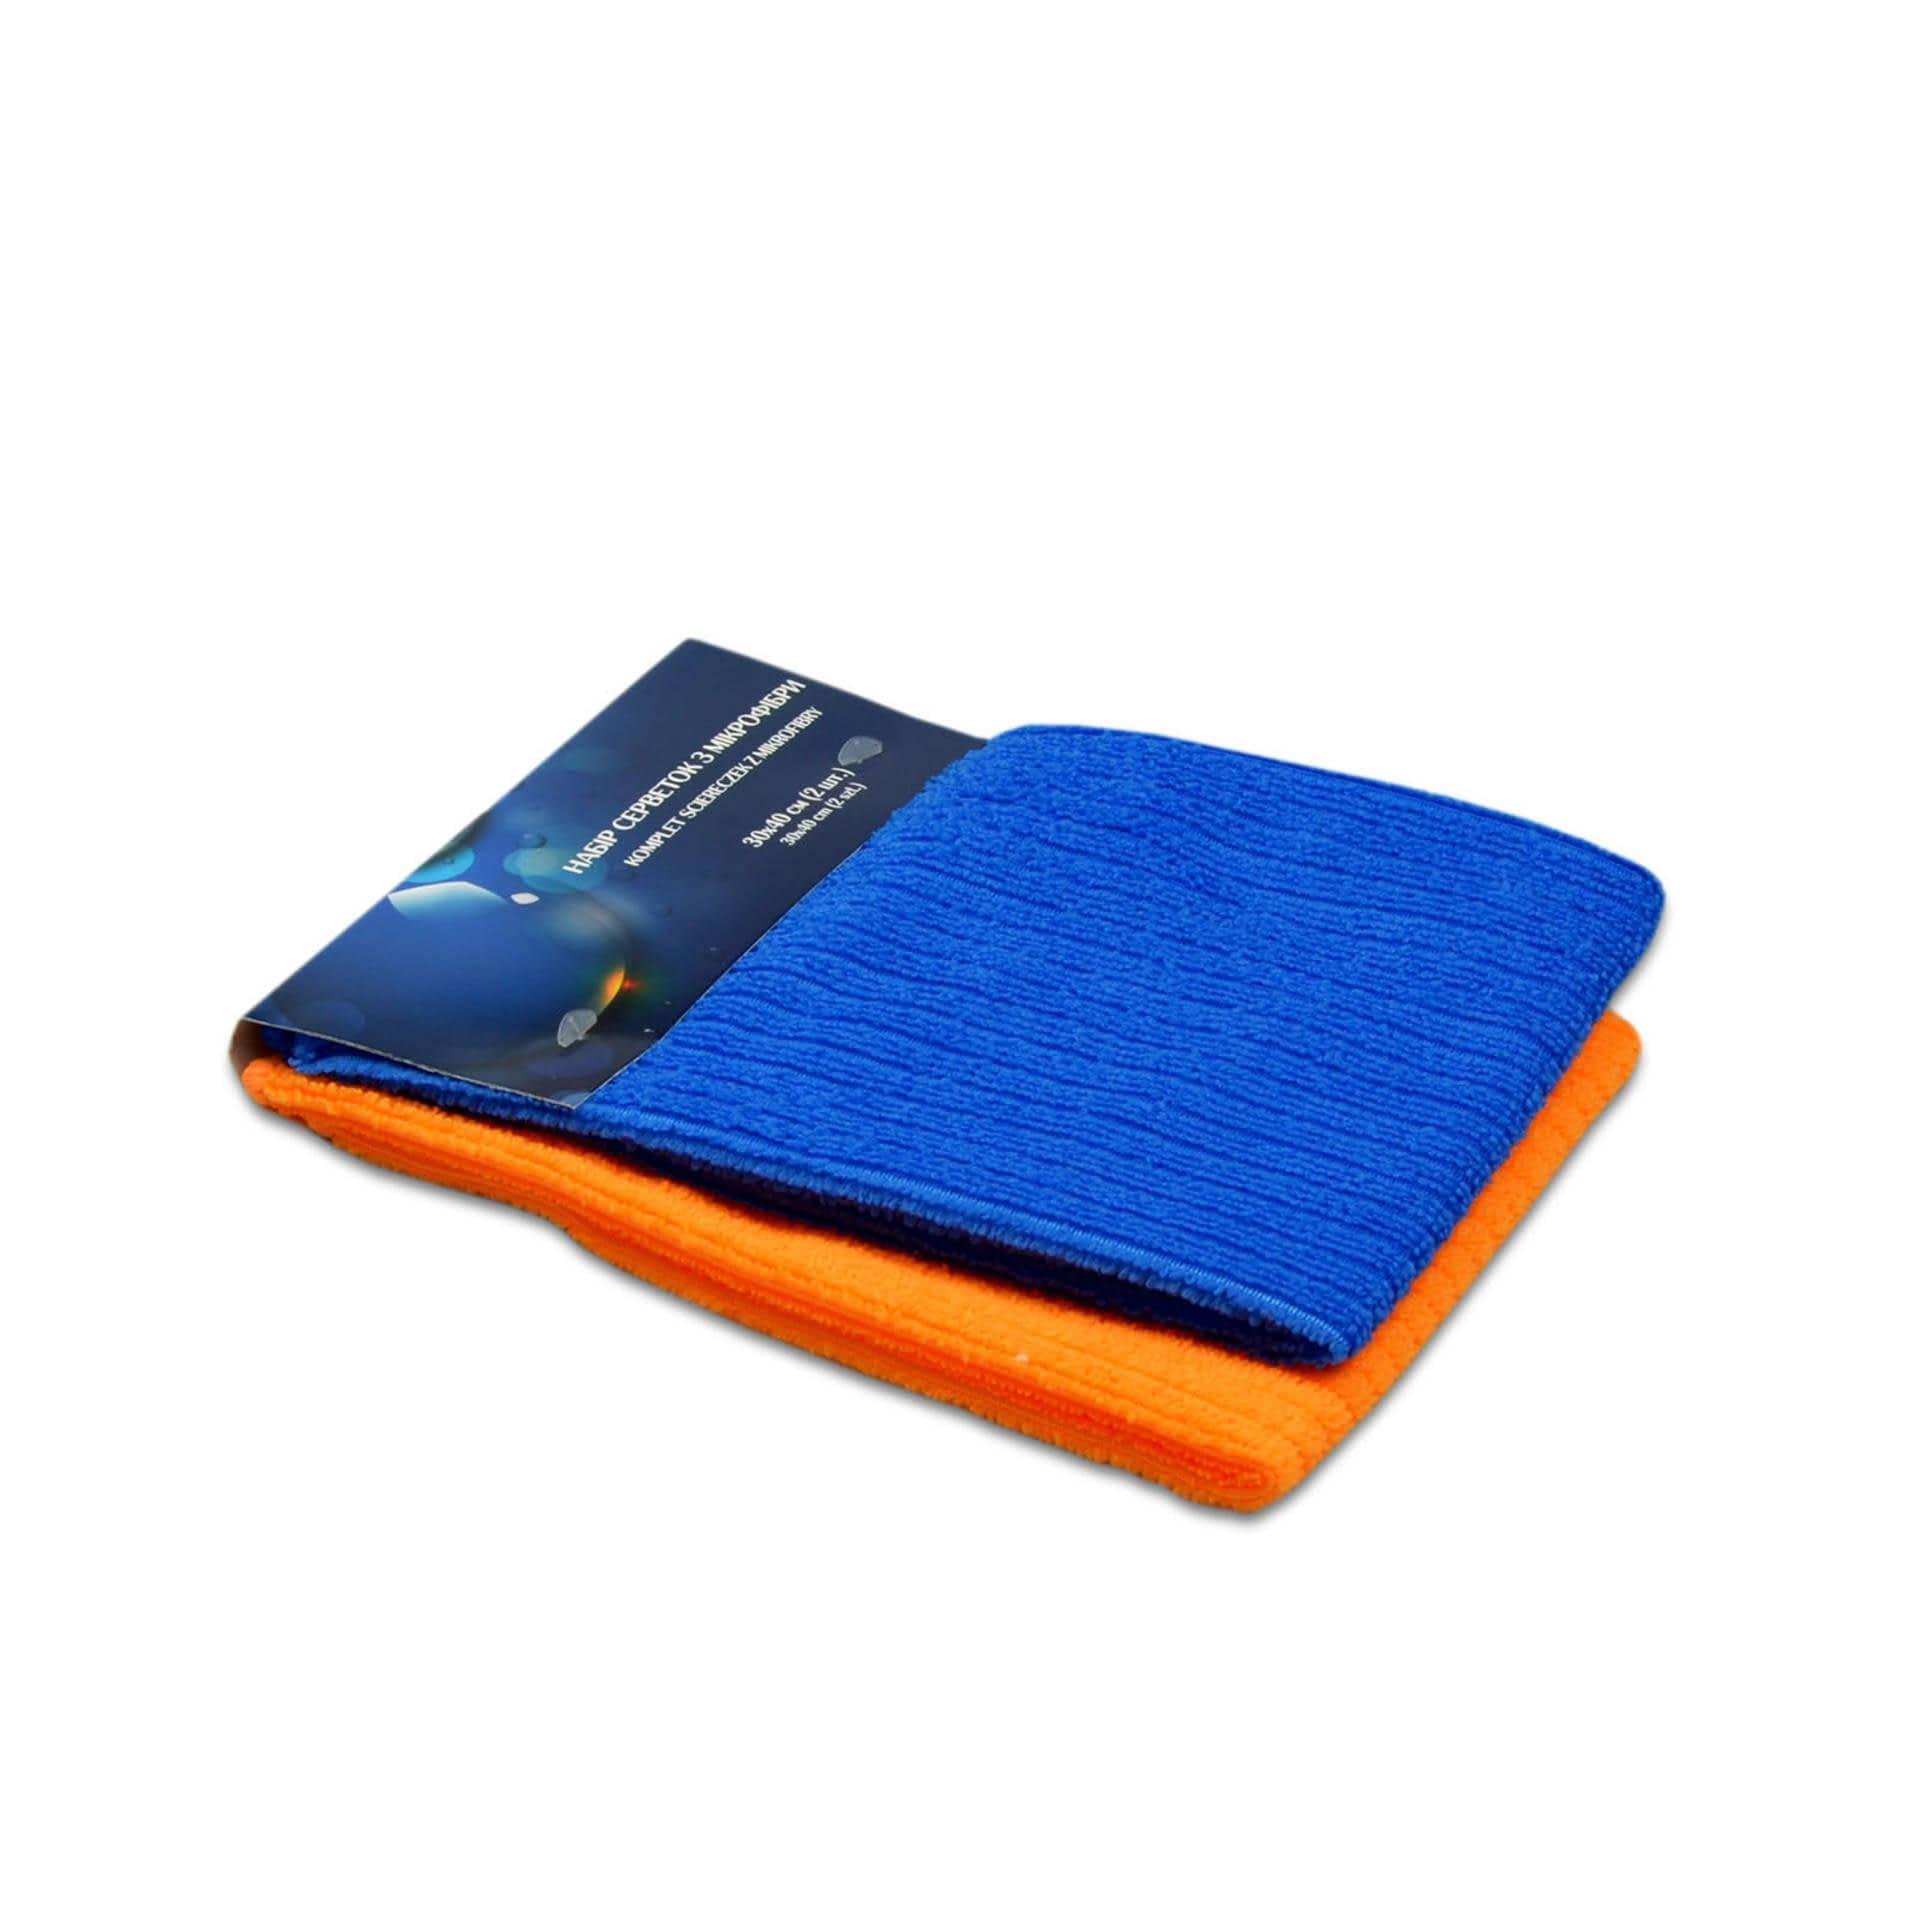 Тканини кухонні рушники - Набір серветок кухонних мікрофібра синьо-помаранчеві 30х40 см 2шт.